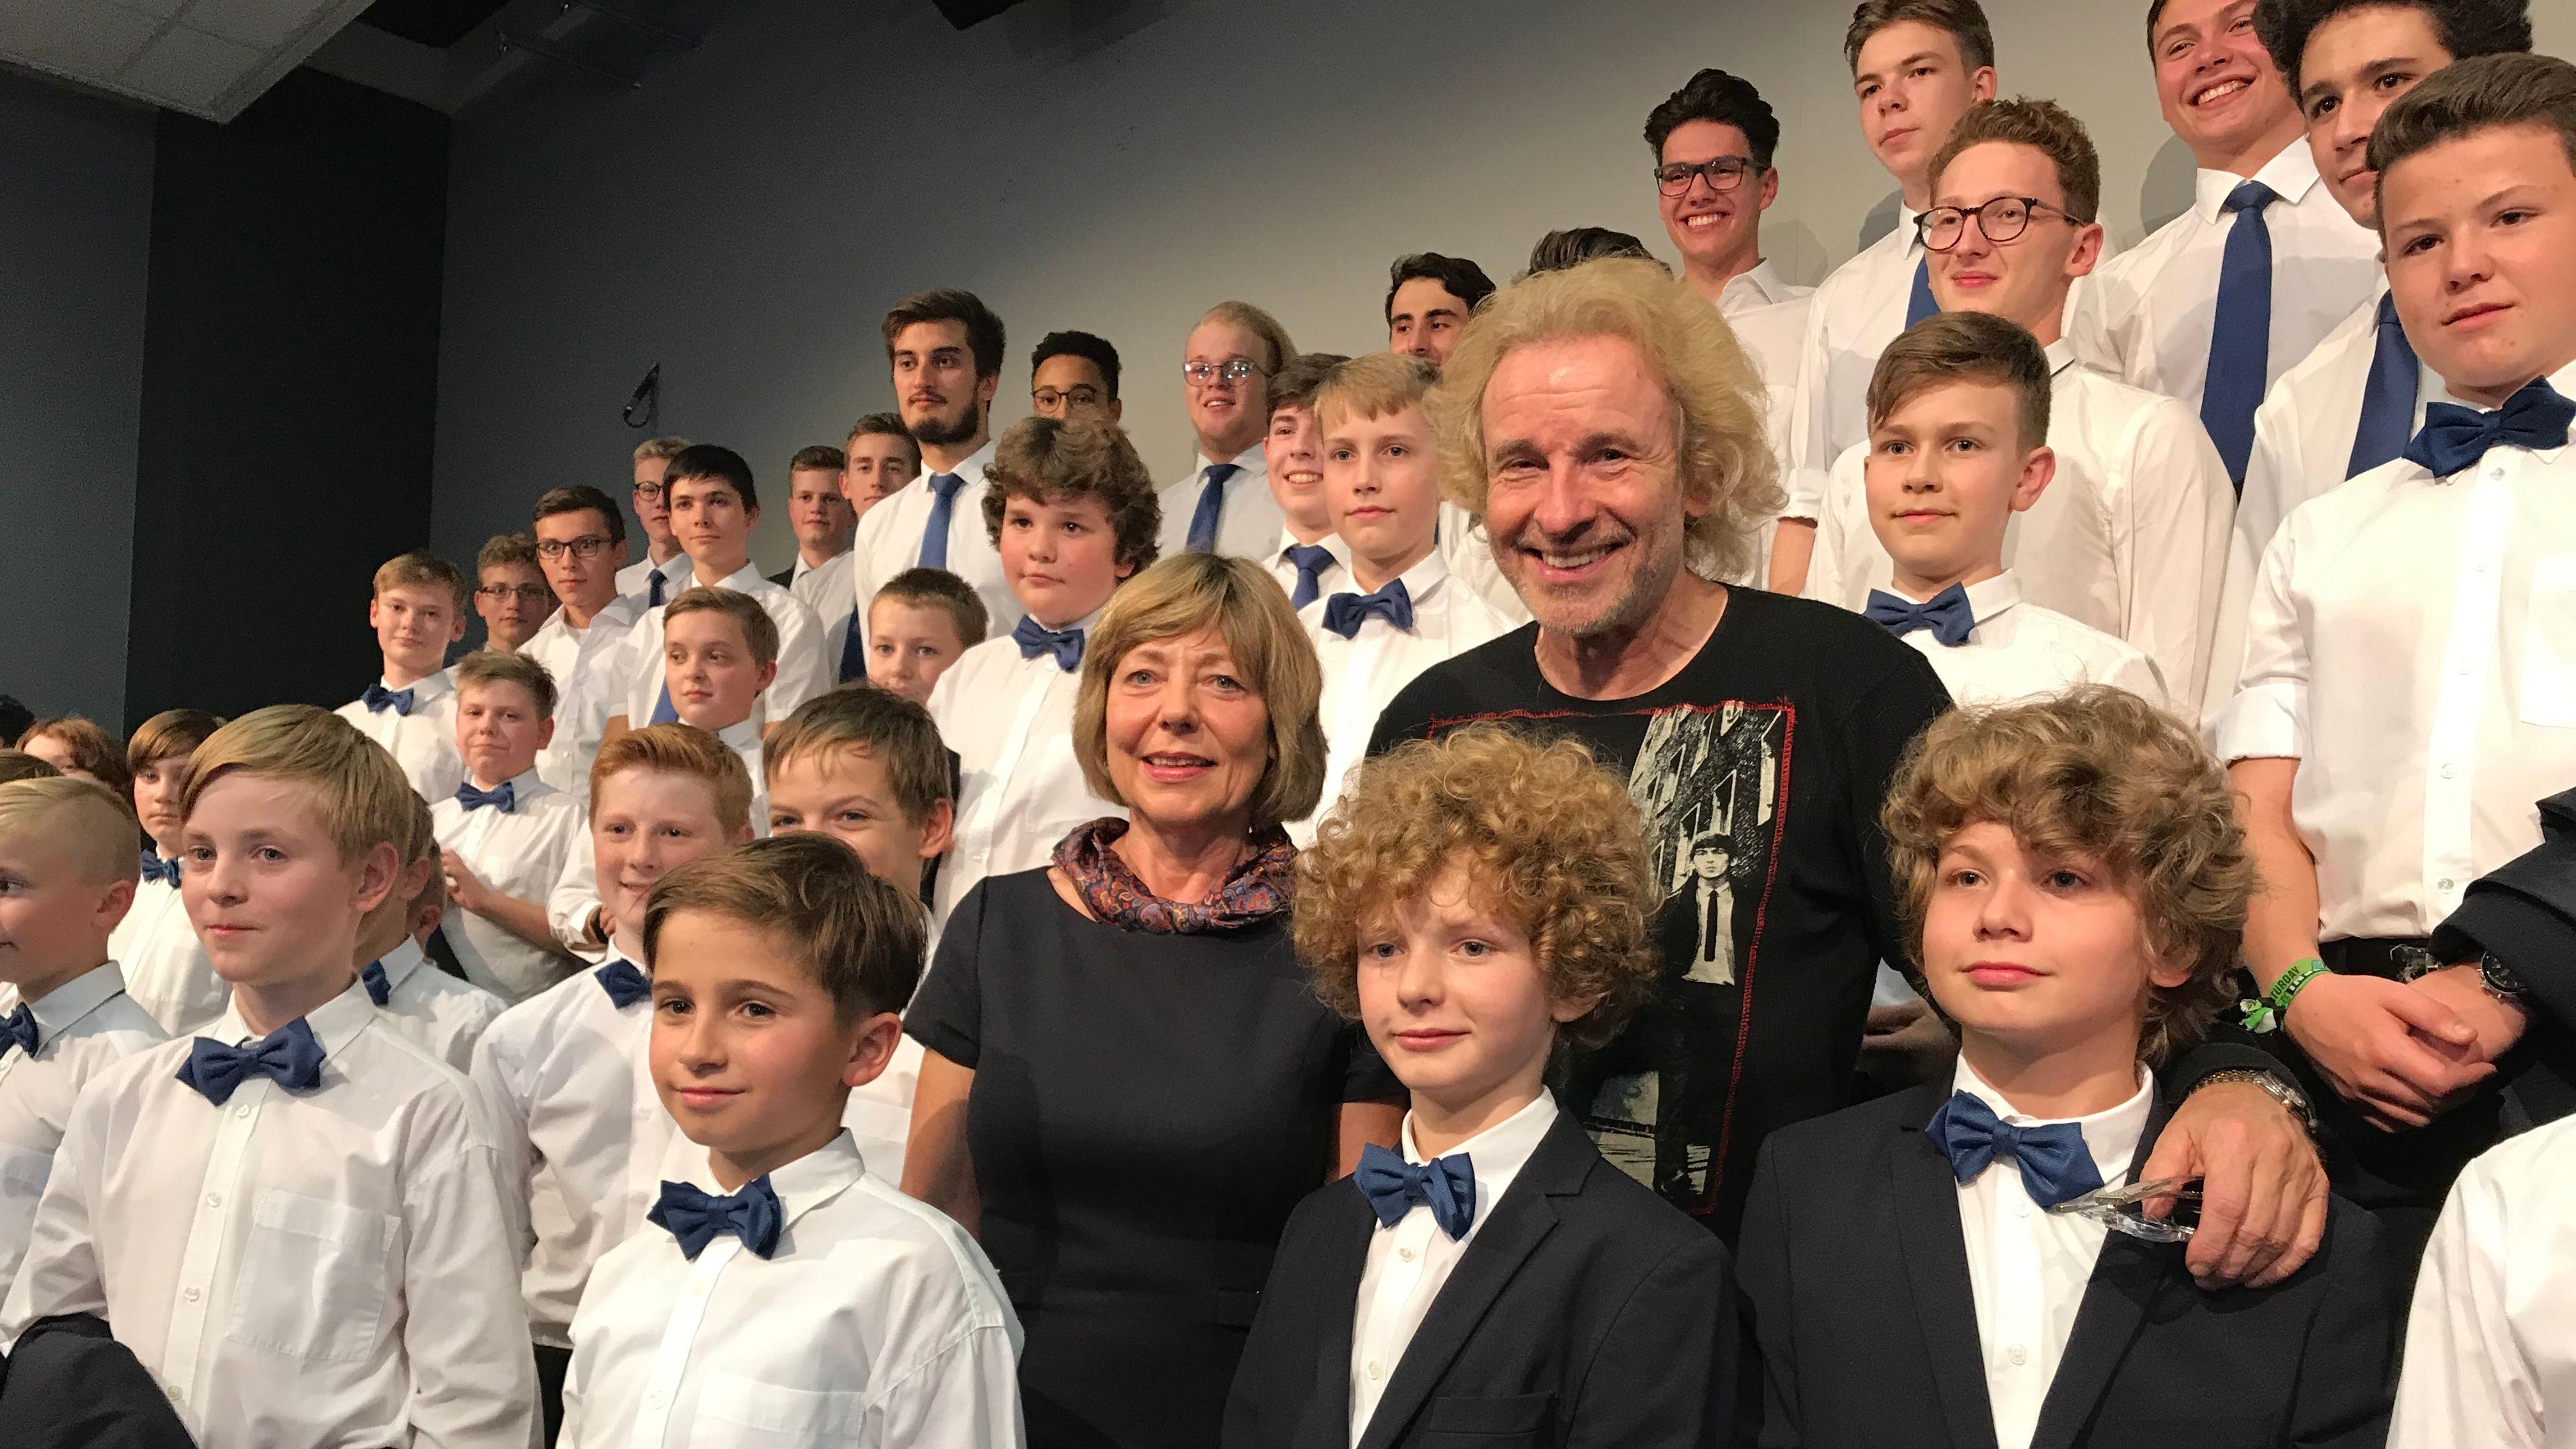 Thomas Gottschalk ist neuer Schirmherr des Windsbacher Knabenchors. Neben ihm: Daniela Schadt, die Lebensgefährtin des ehemaligen Bundespräsidenten Joachim Gauck